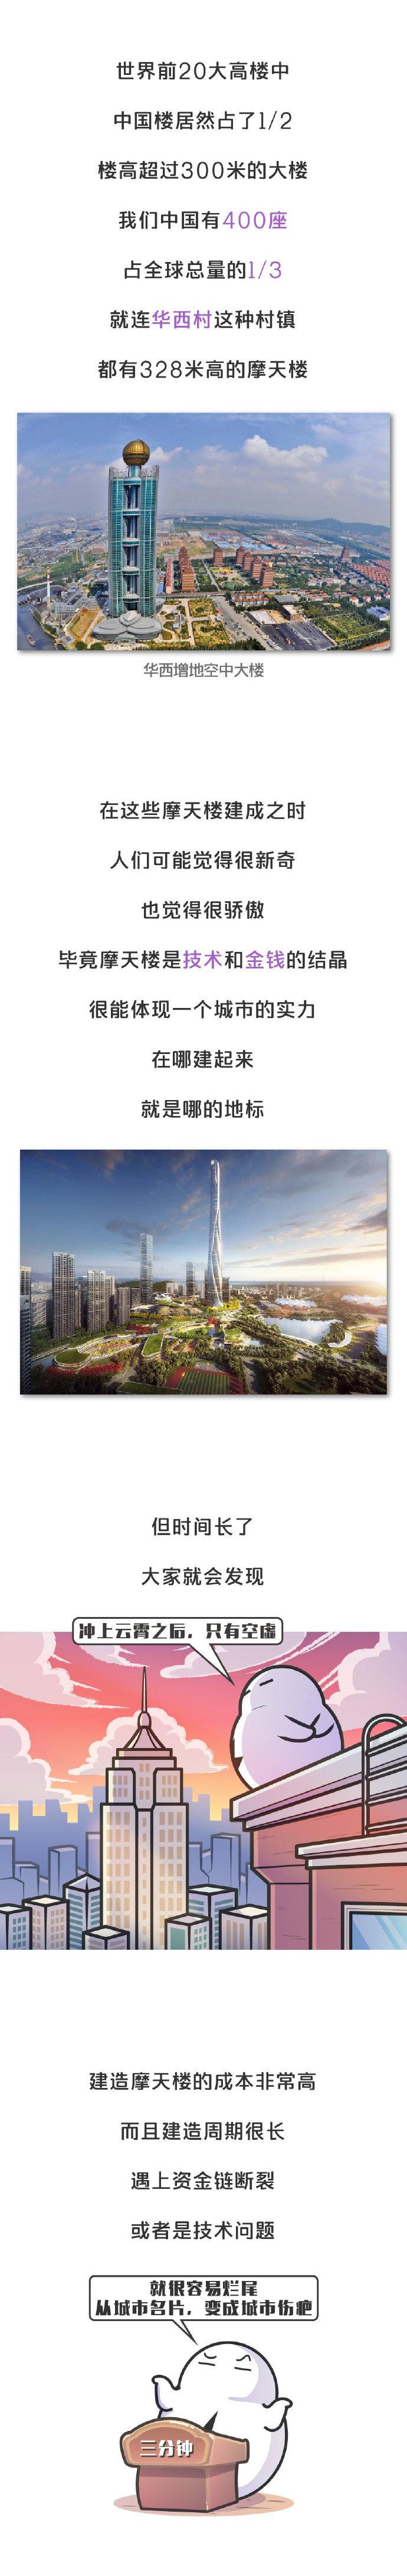 赛格大厦抖动原因查明,摩天楼是点错的科技树吗?